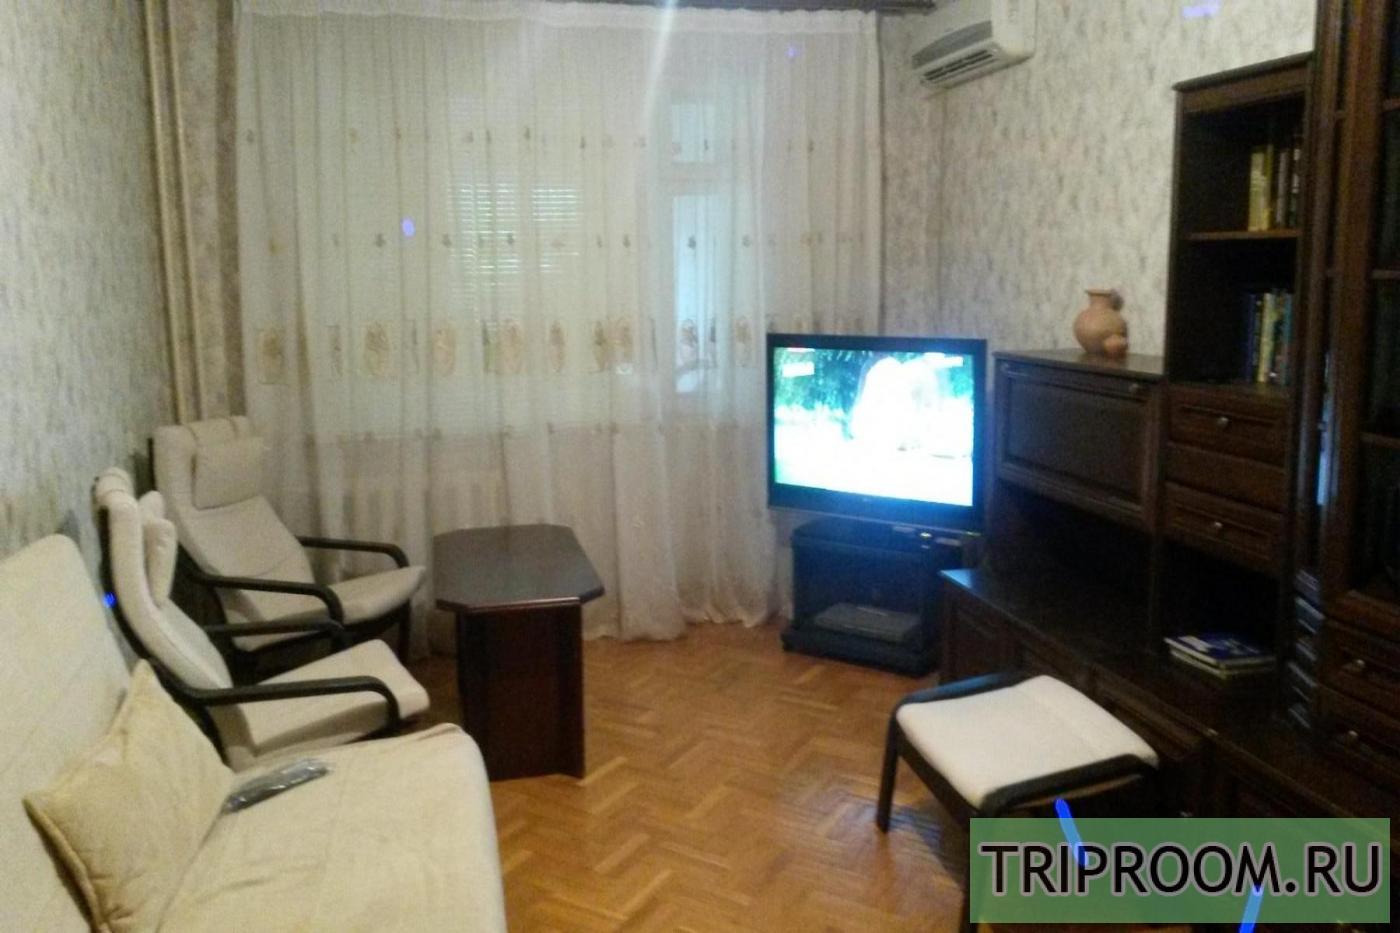 3-комнатная квартира посуточно (вариант № 31901), ул. Красных партизан, фото № 1